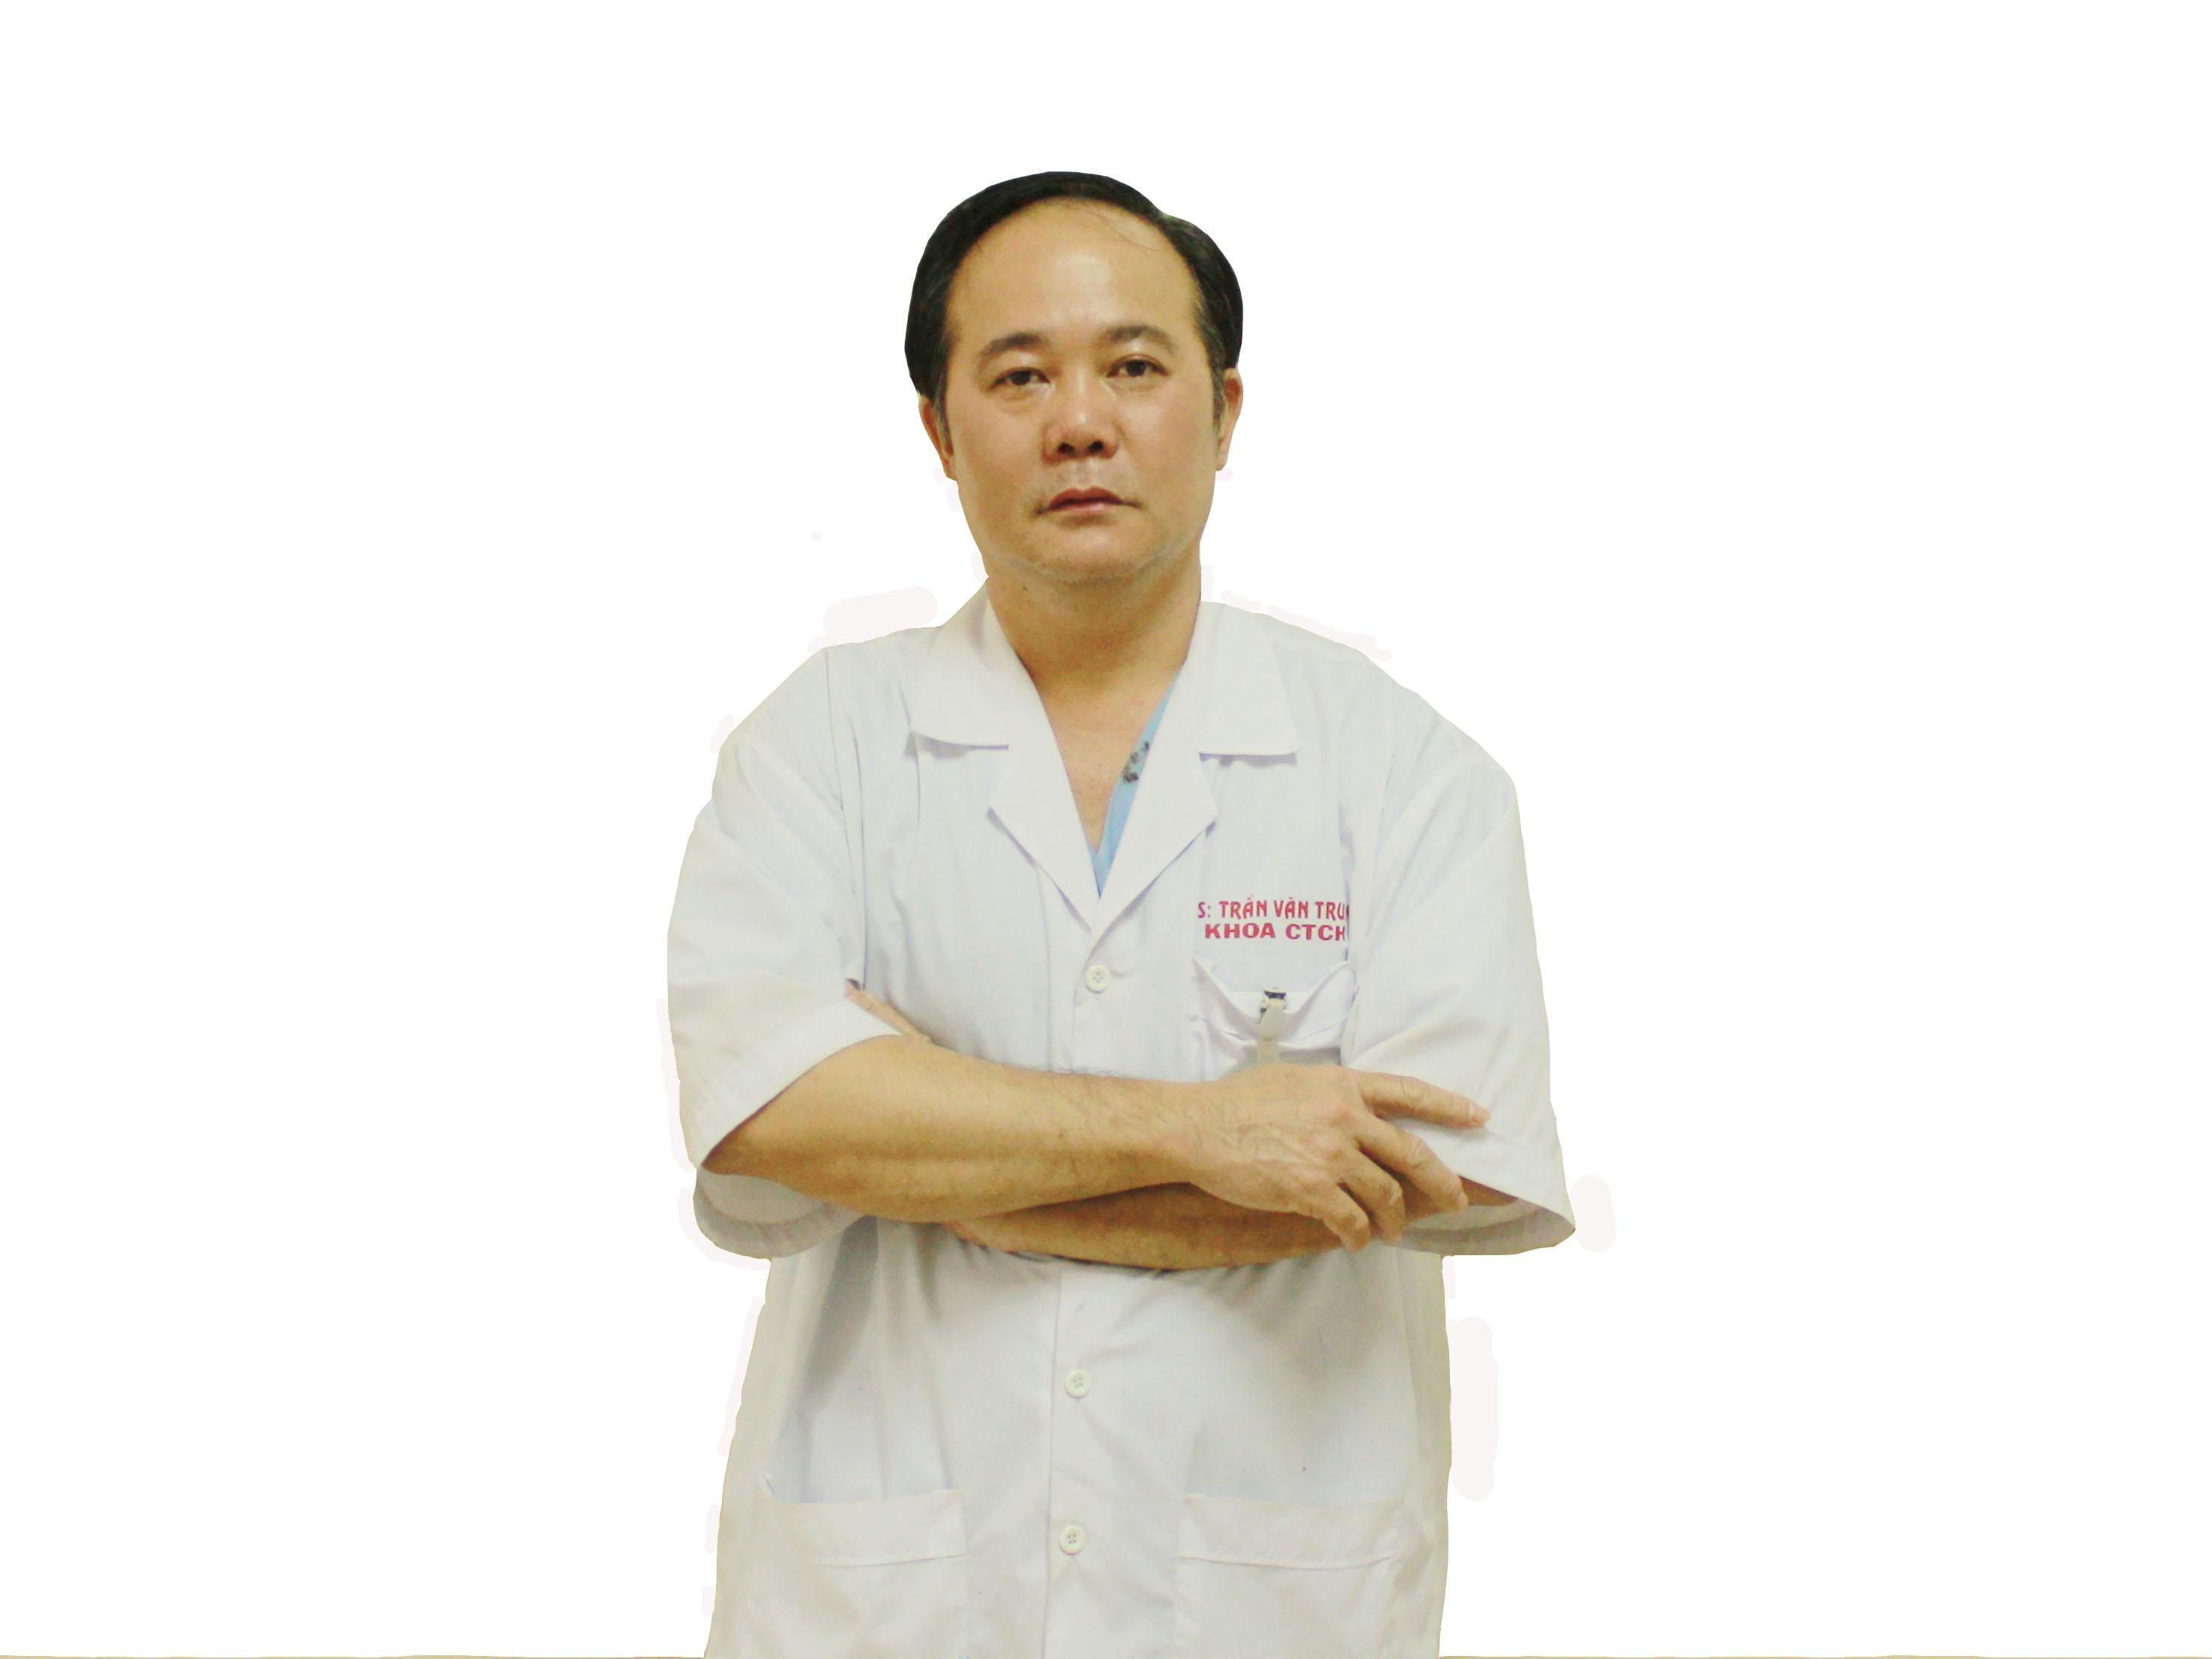 BSCKII. Trần Văn Trung